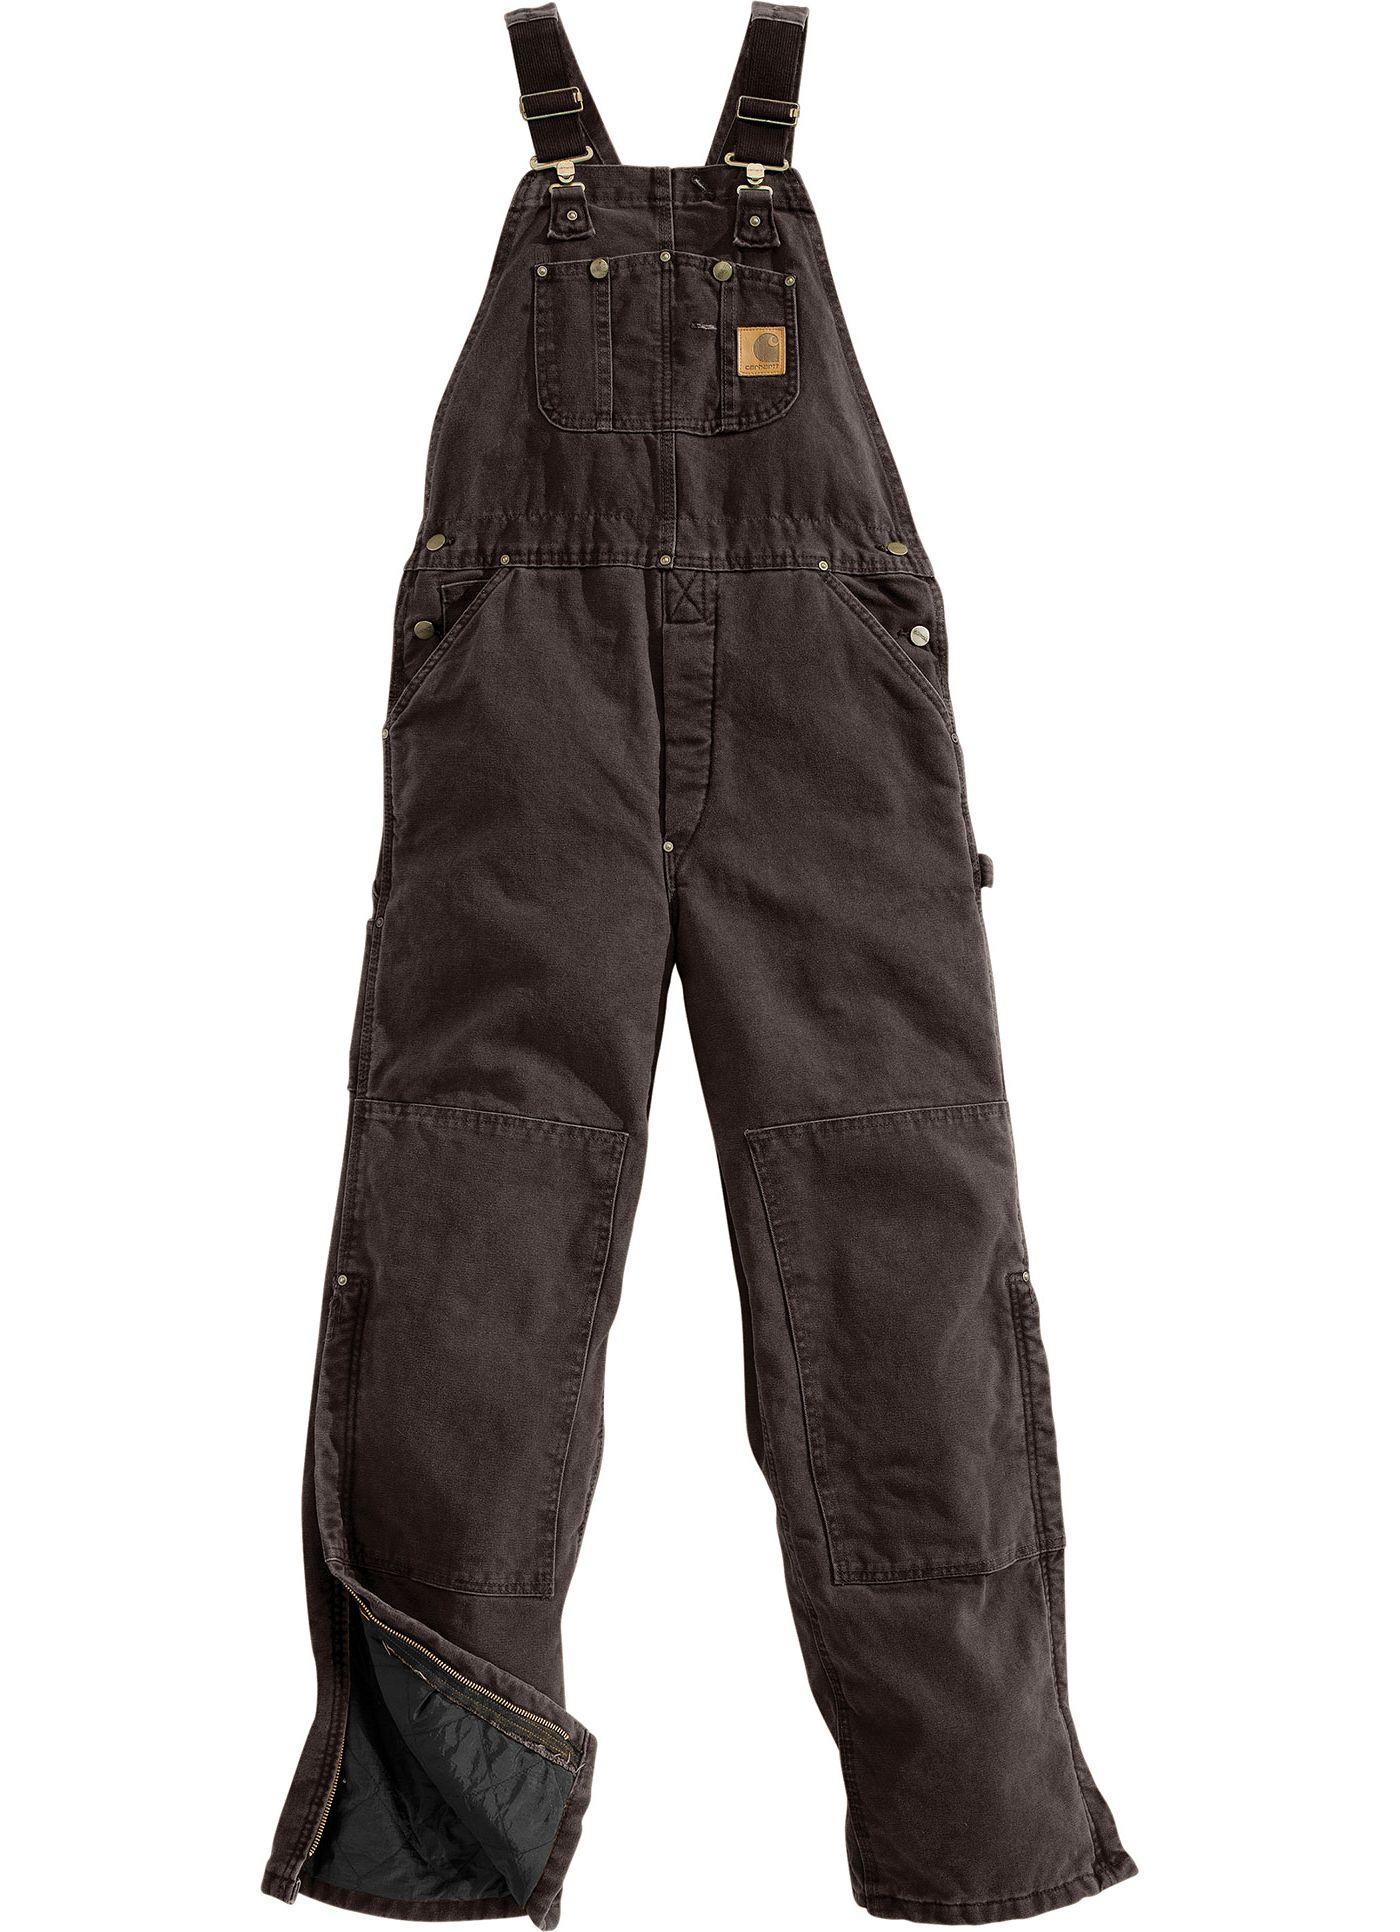 Carhartt Men's Sandstone Duck Quilt-Lined Overall Bib